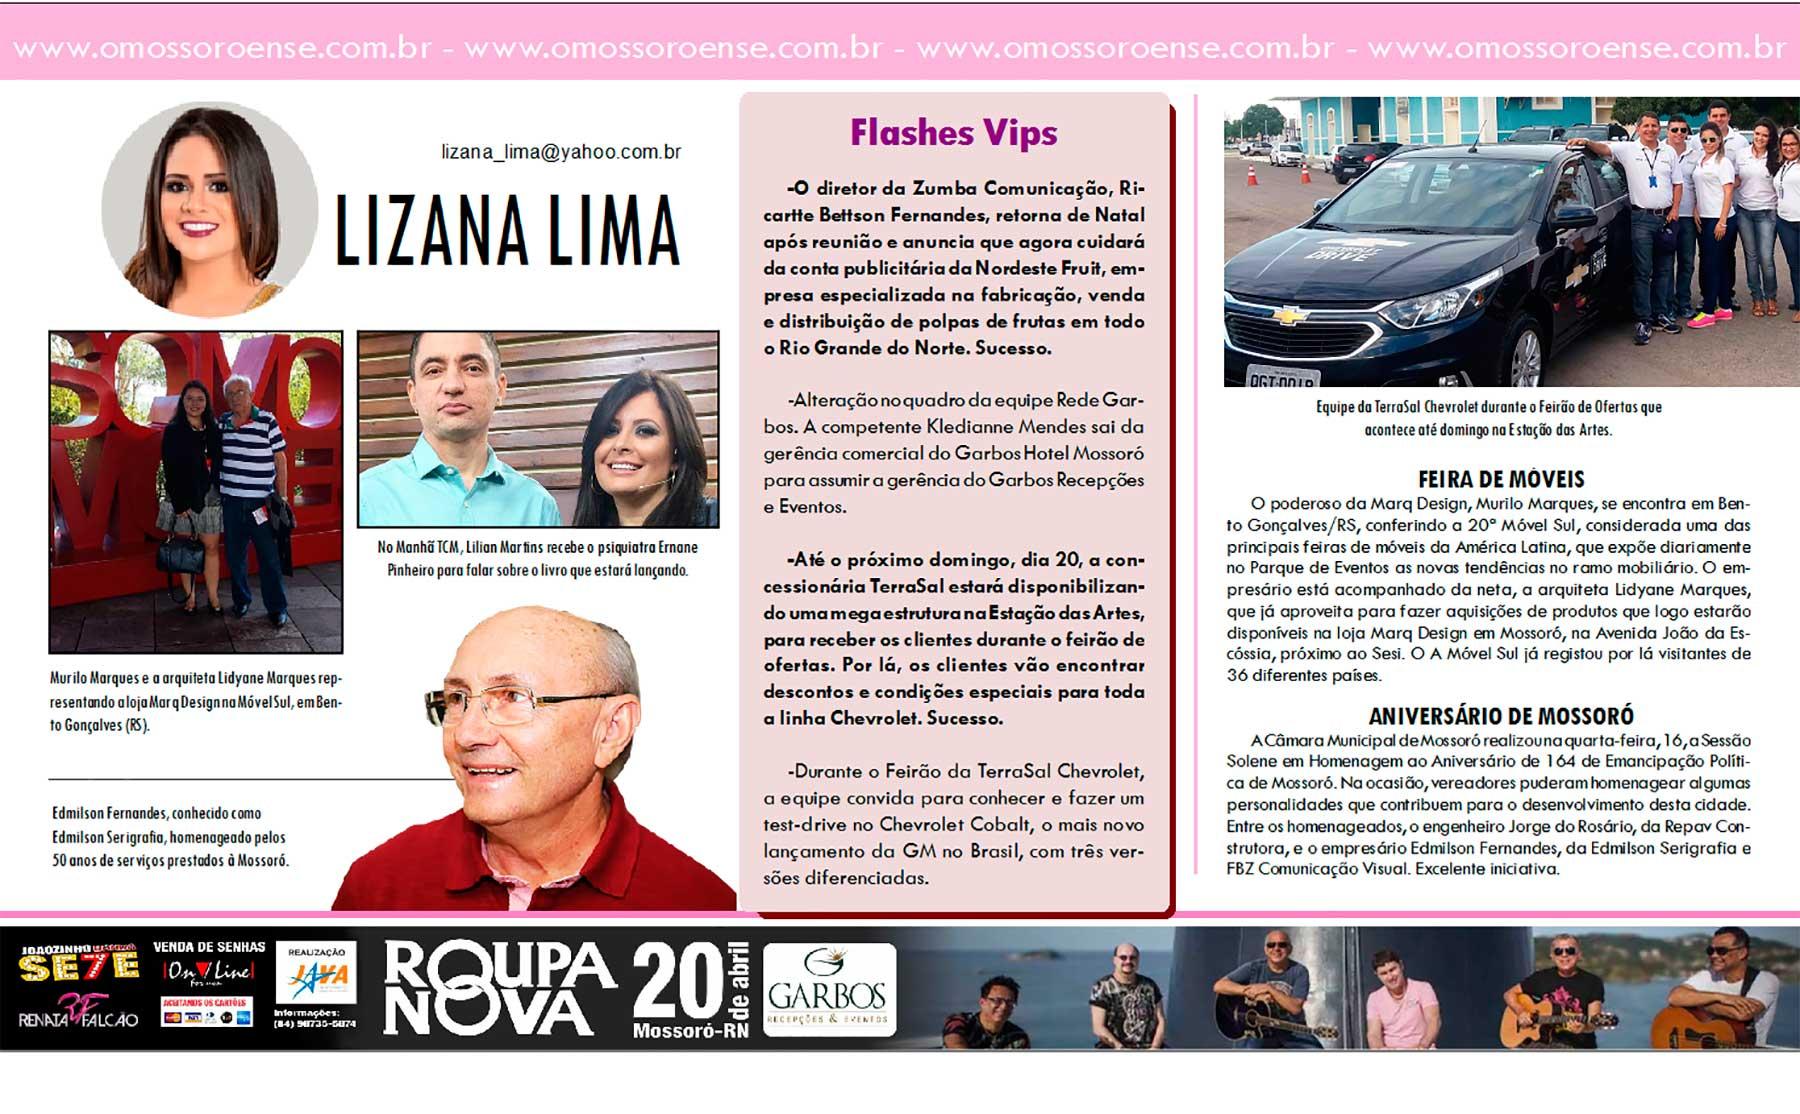 LIZANA-LIMA-17-03-16